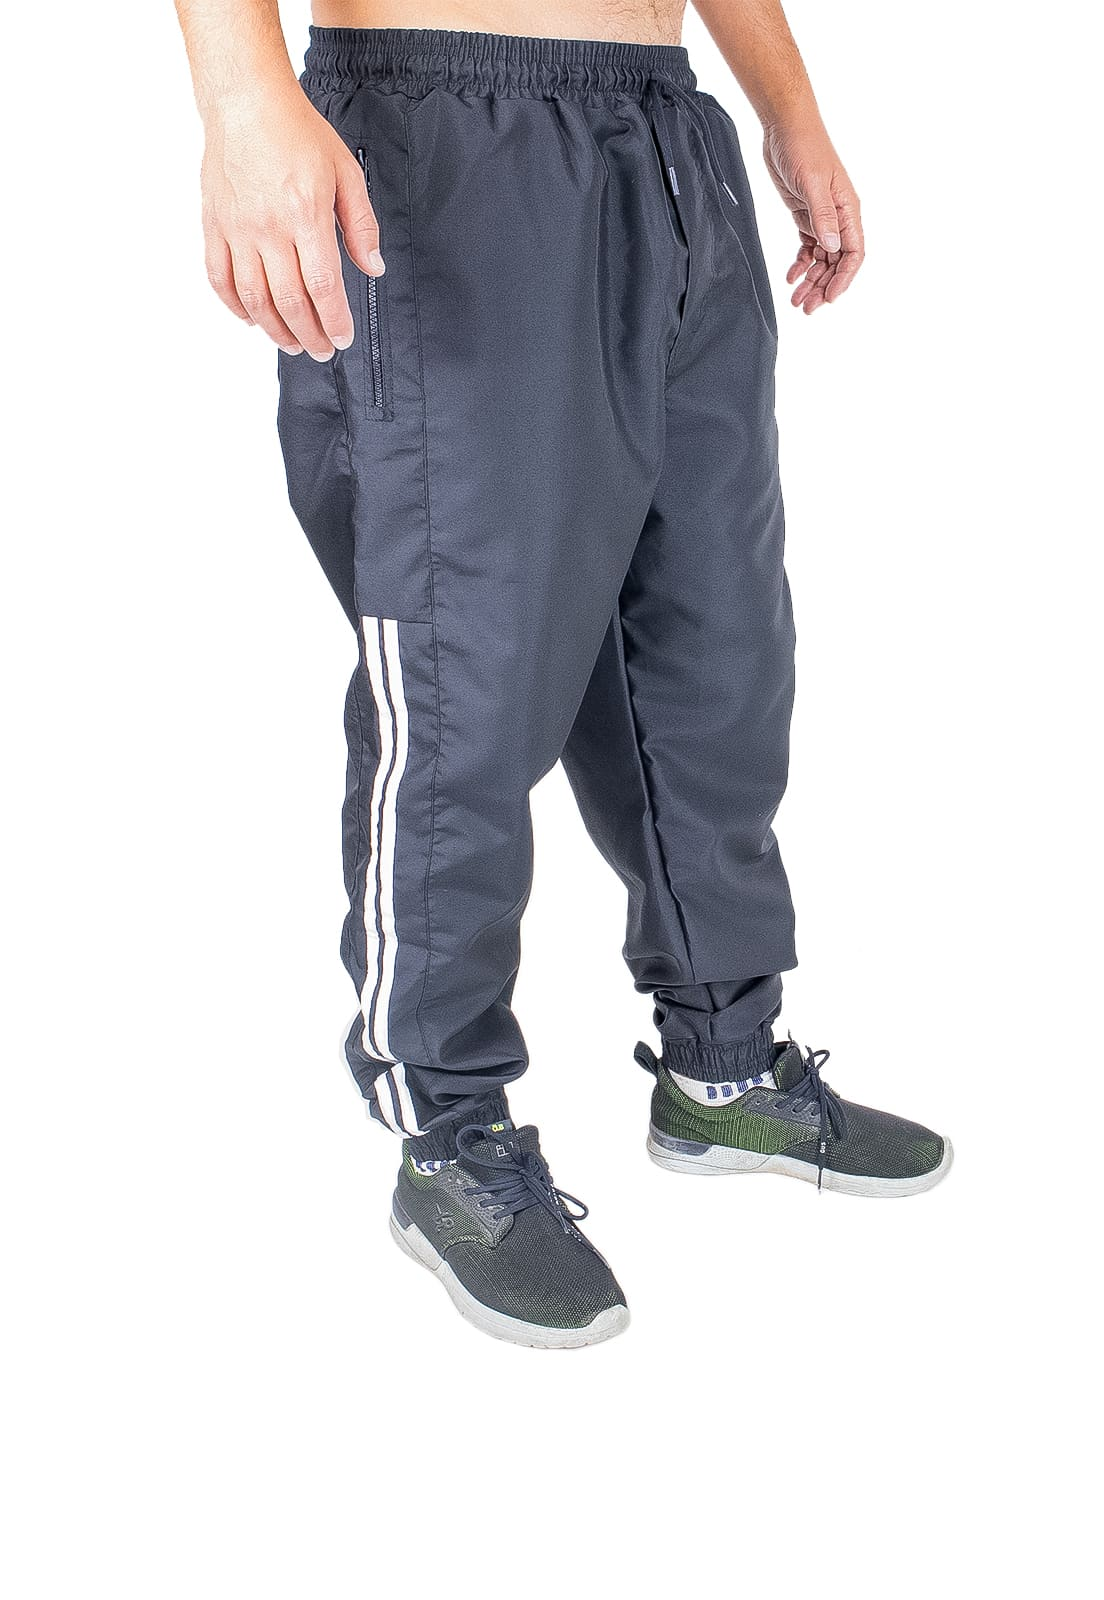 Calça Cisco Skate Clothing Tactel Seta Listras